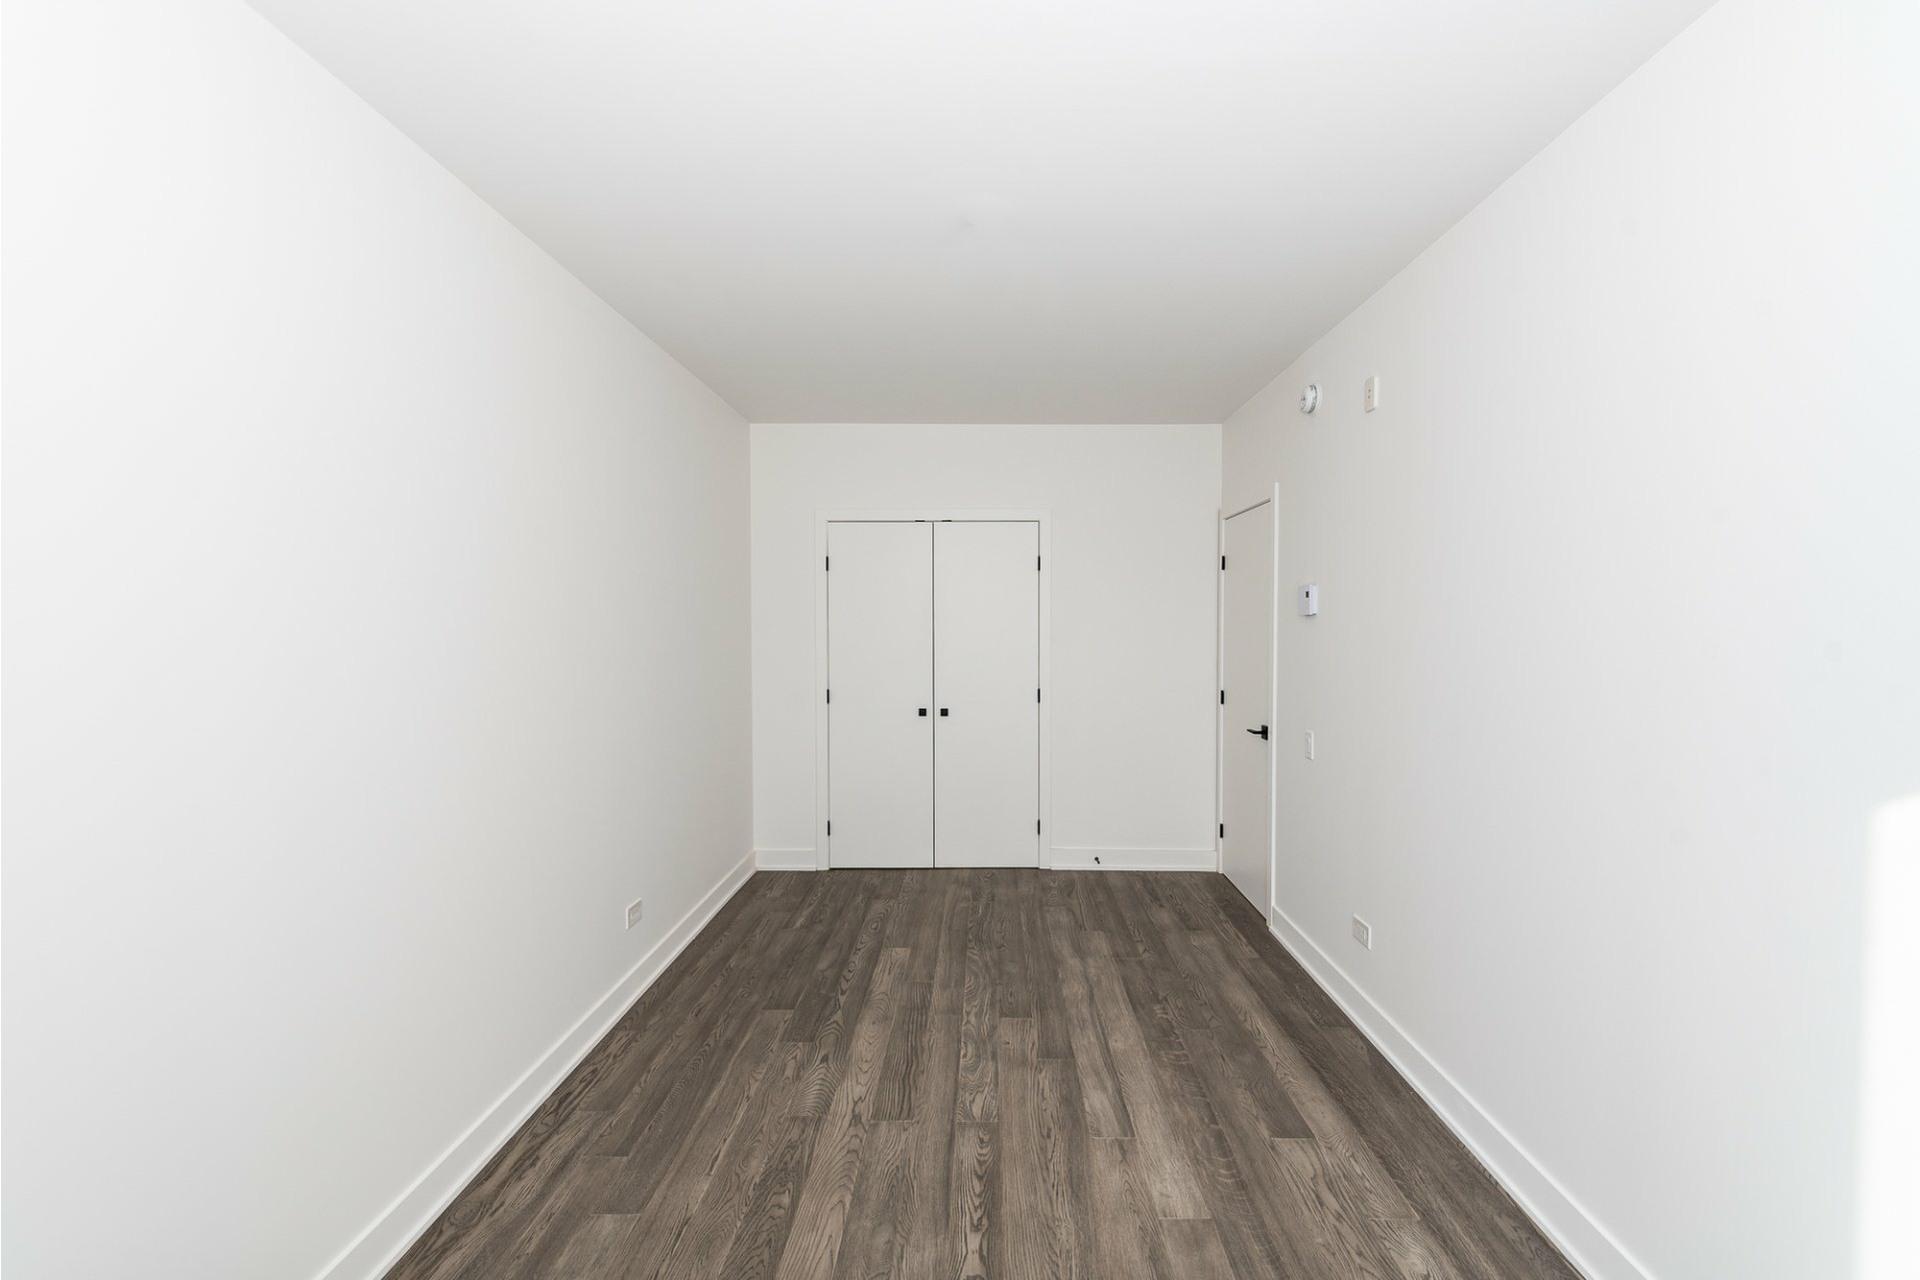 image 18 - Apartment For rent Villeray/Saint-Michel/Parc-Extension Montréal  - 5 rooms